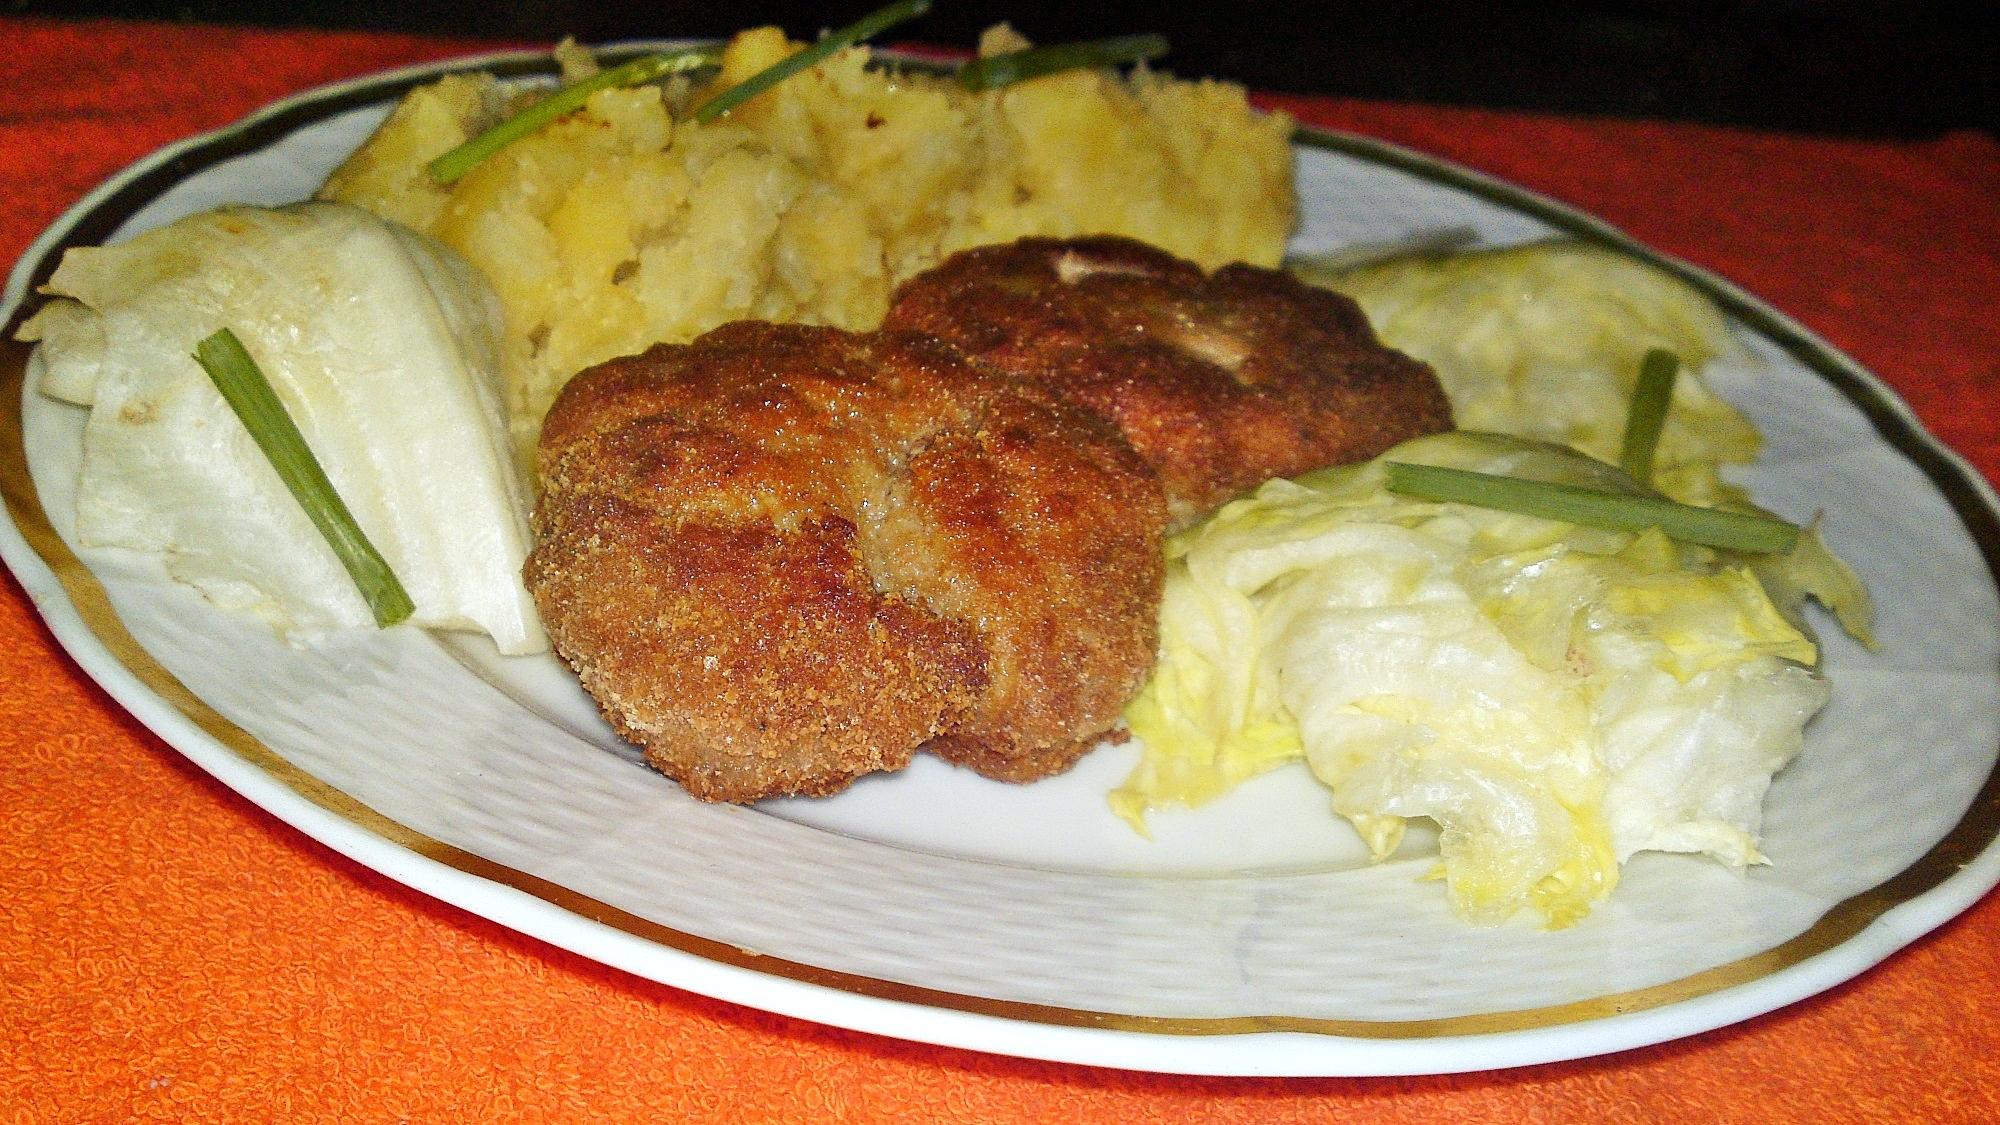 Recept Obyčajné fašírky - Horké fašírky podáváme se šťouchanými brambory a salátem.